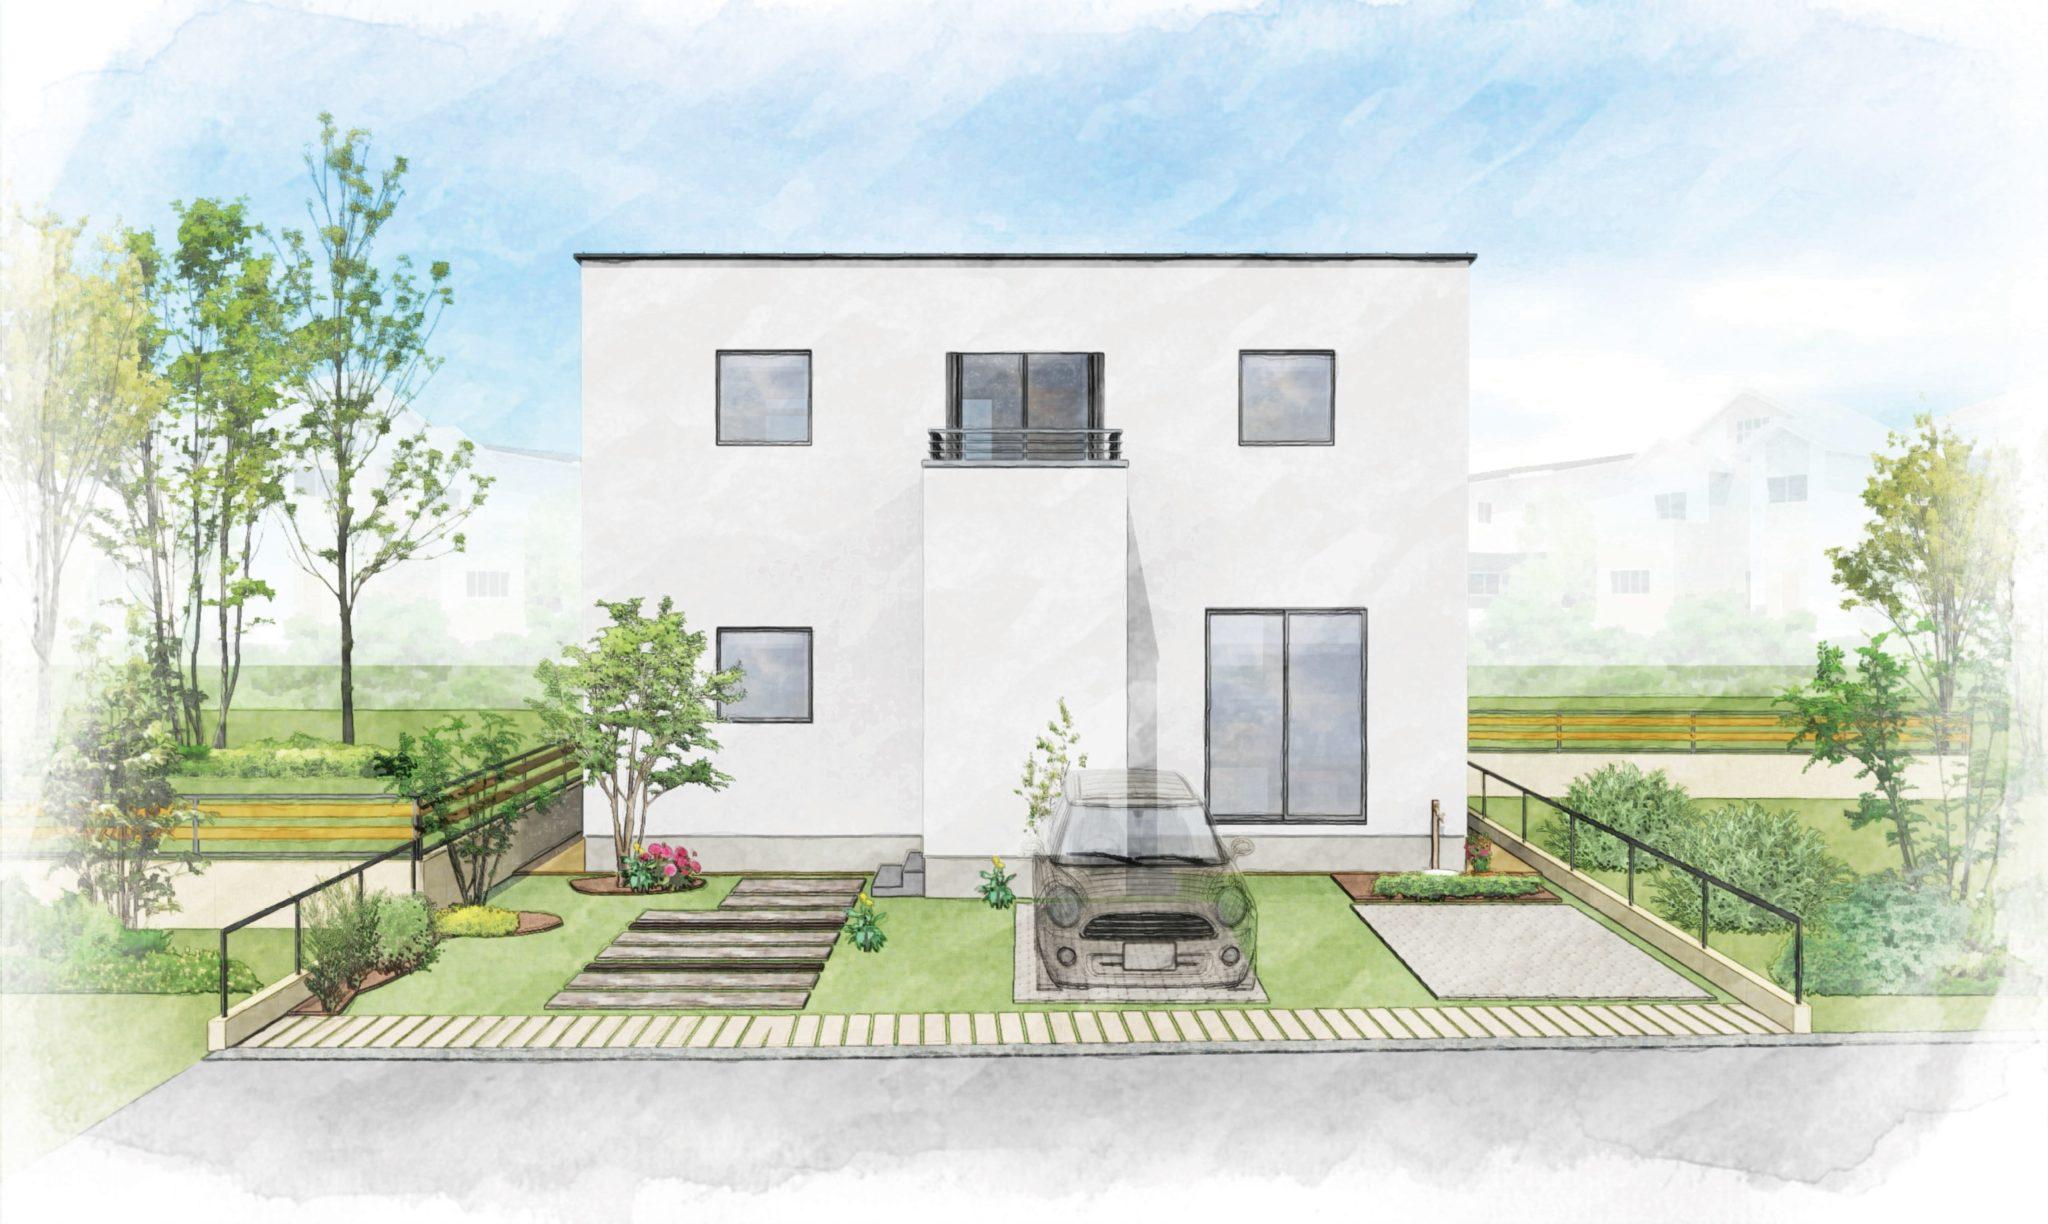 「小さな森のまち米倉130」提案住宅販売開始!【2号棟販売価格3,480万円・3LDK+S】